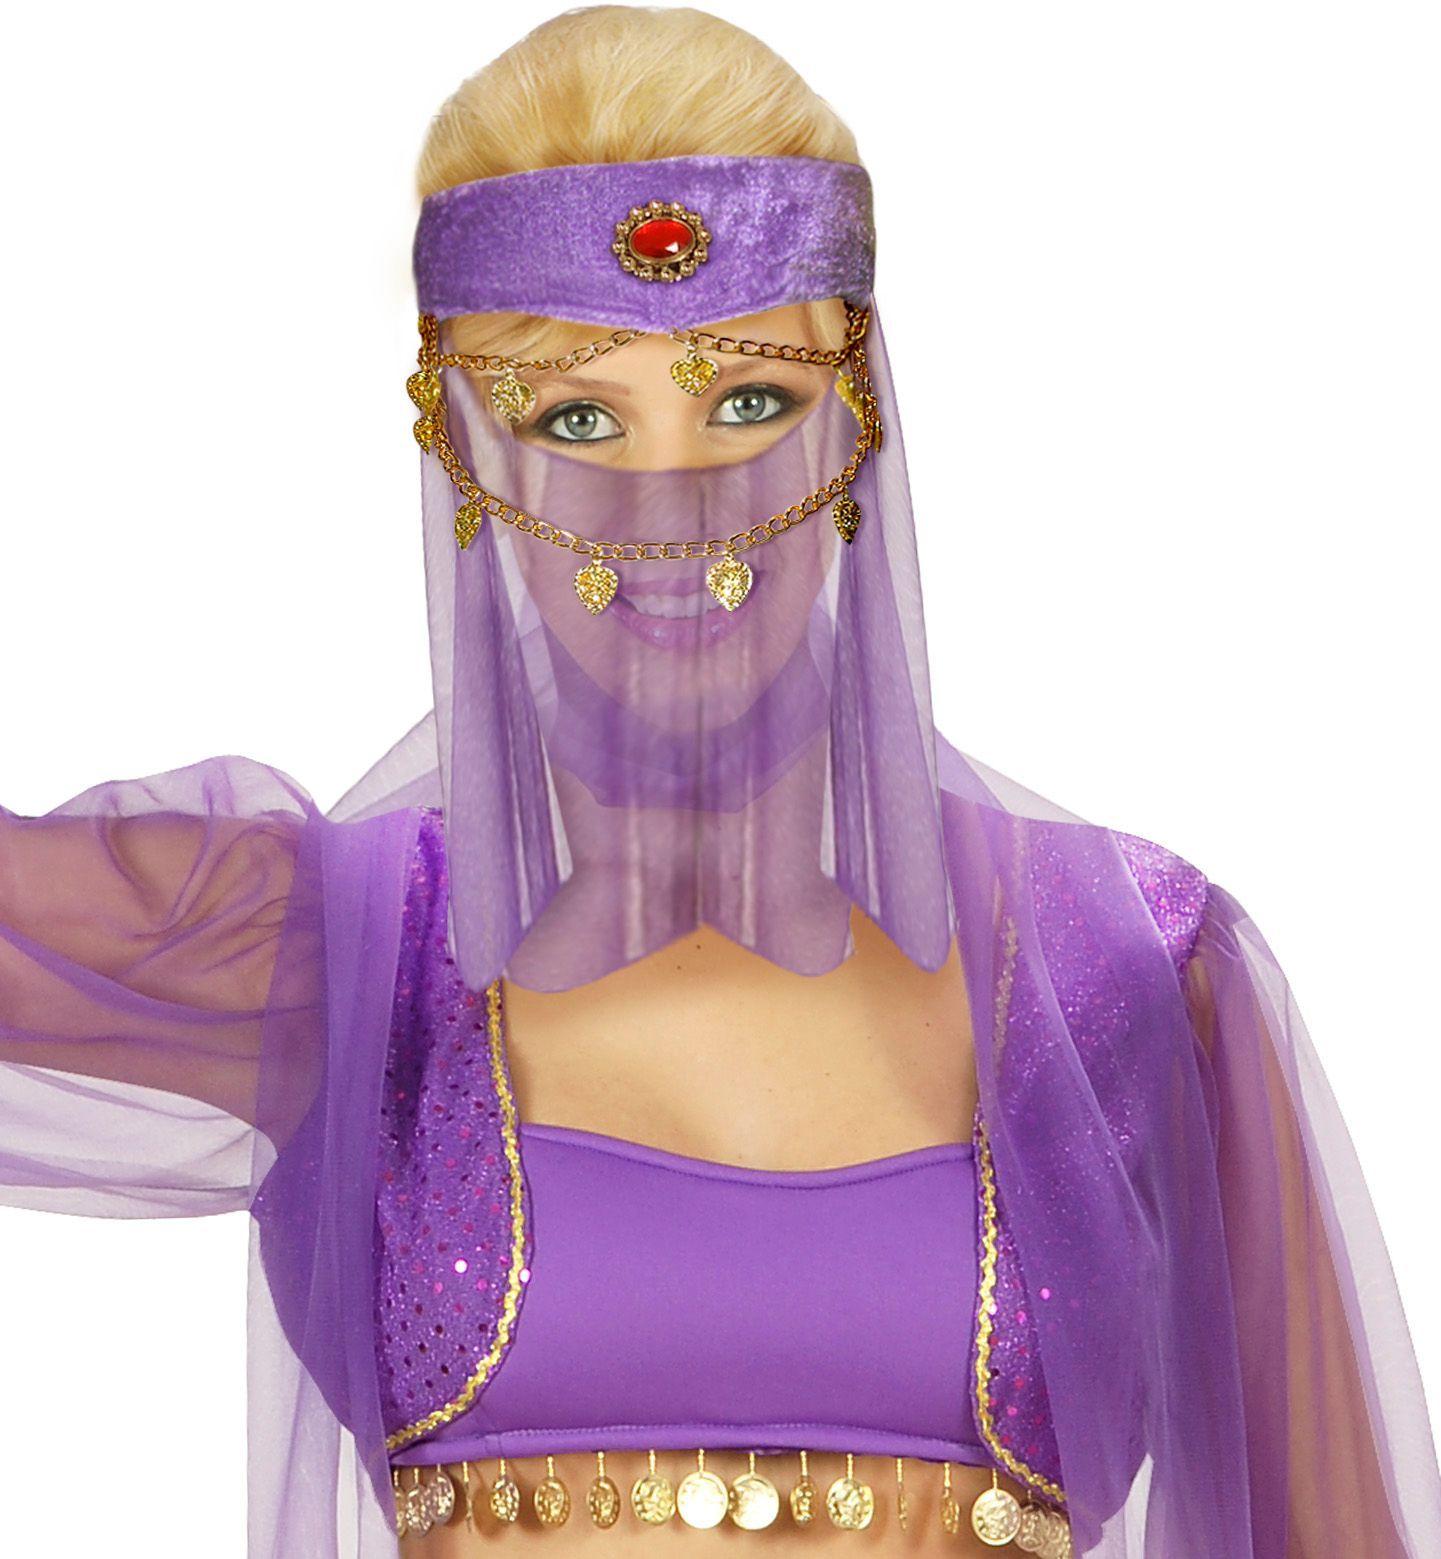 Odalisk harem hoofdband met sluier